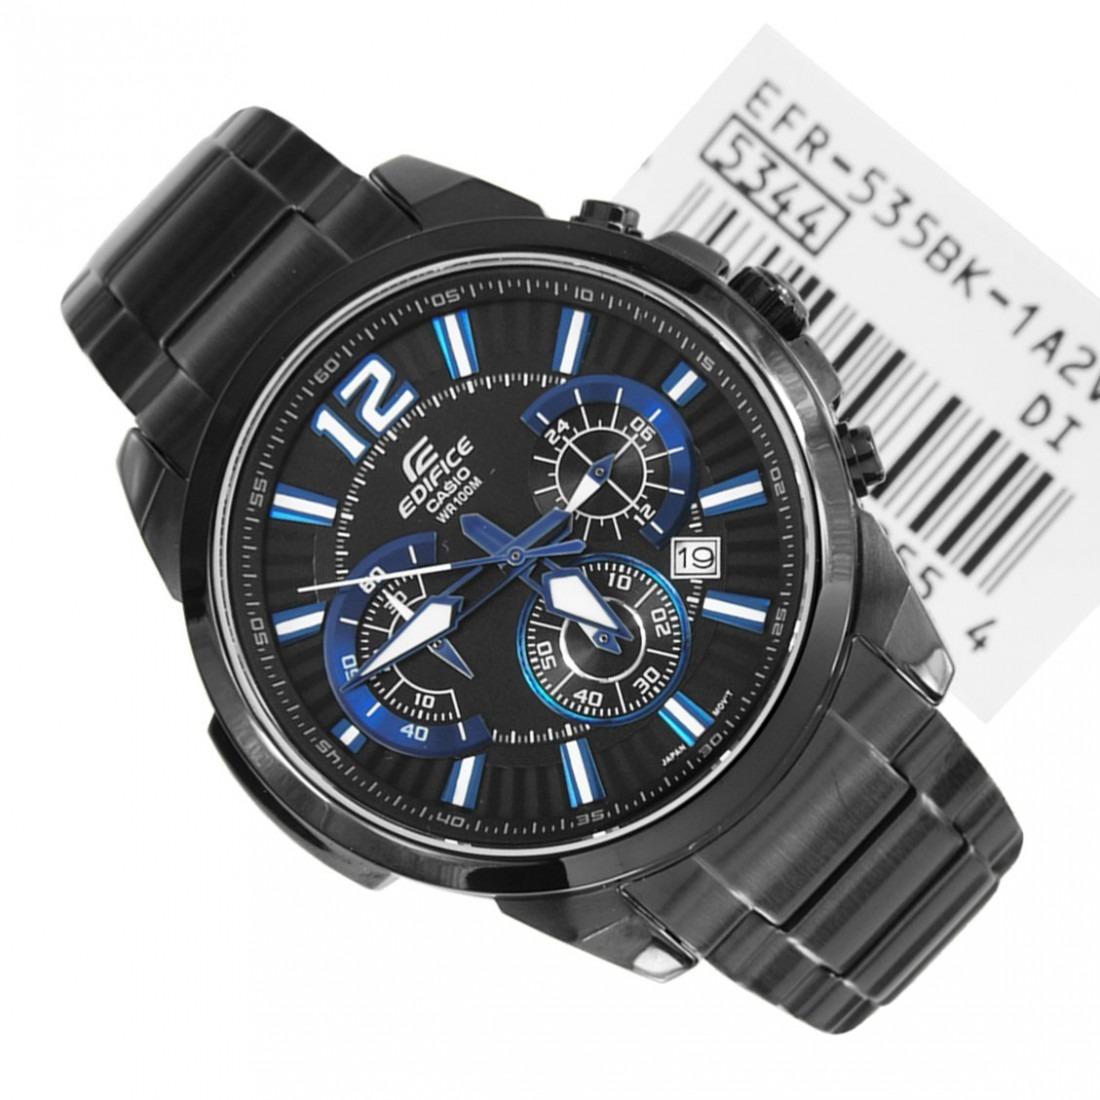 Casio 535bk Reloj Azul Tendencia 1a2 Men Negro Edifice Efr CtdxsBhQro